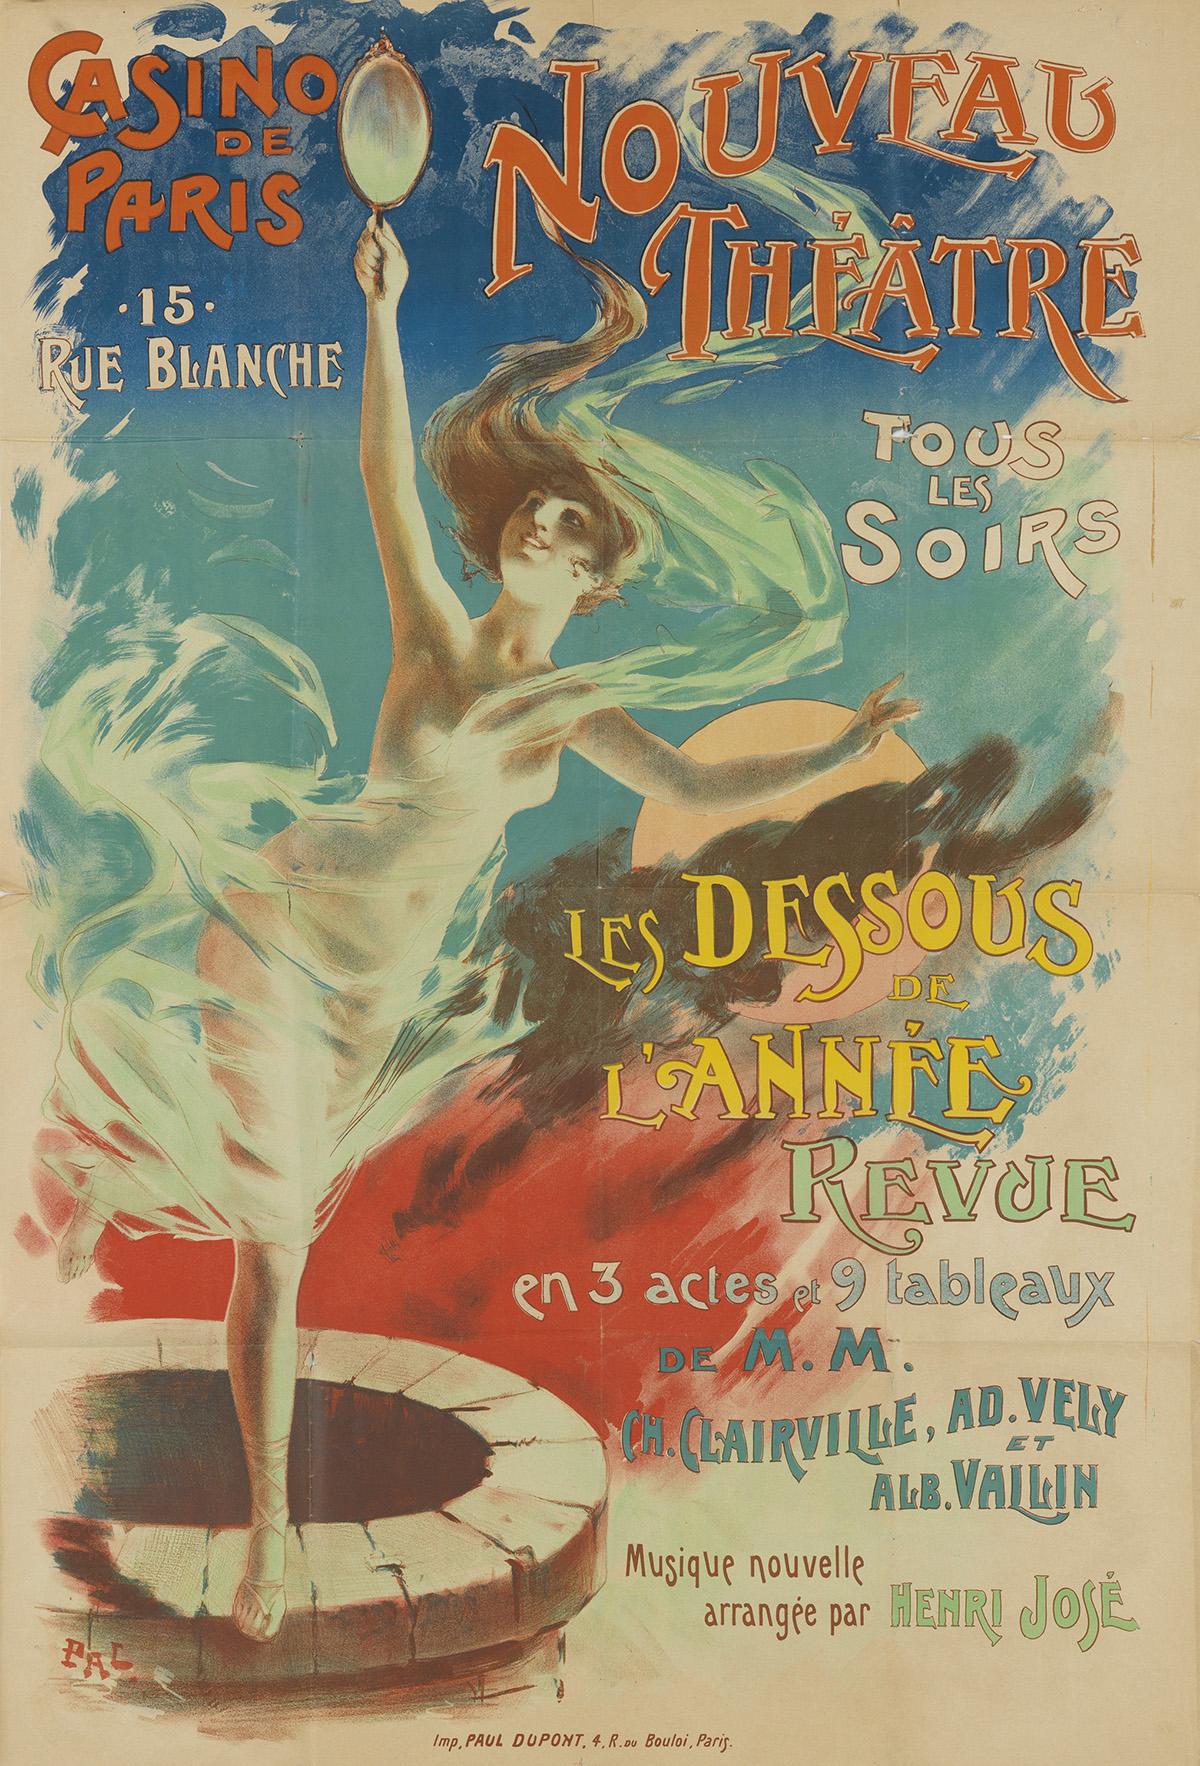 VARIOUS-ARTISTS-[CASINO-DE-PARIS--FOLIES-BERGÈRE]-Two-poster